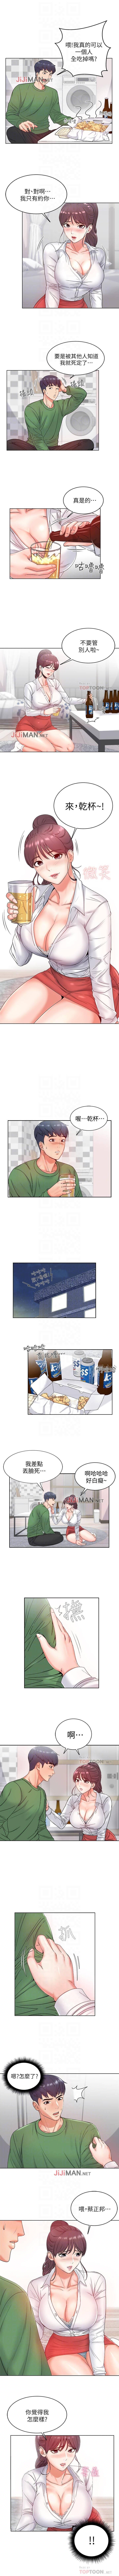 【周三连载】超市的漂亮姐姐(作者:北鼻&逃兵) 第1~20话 20